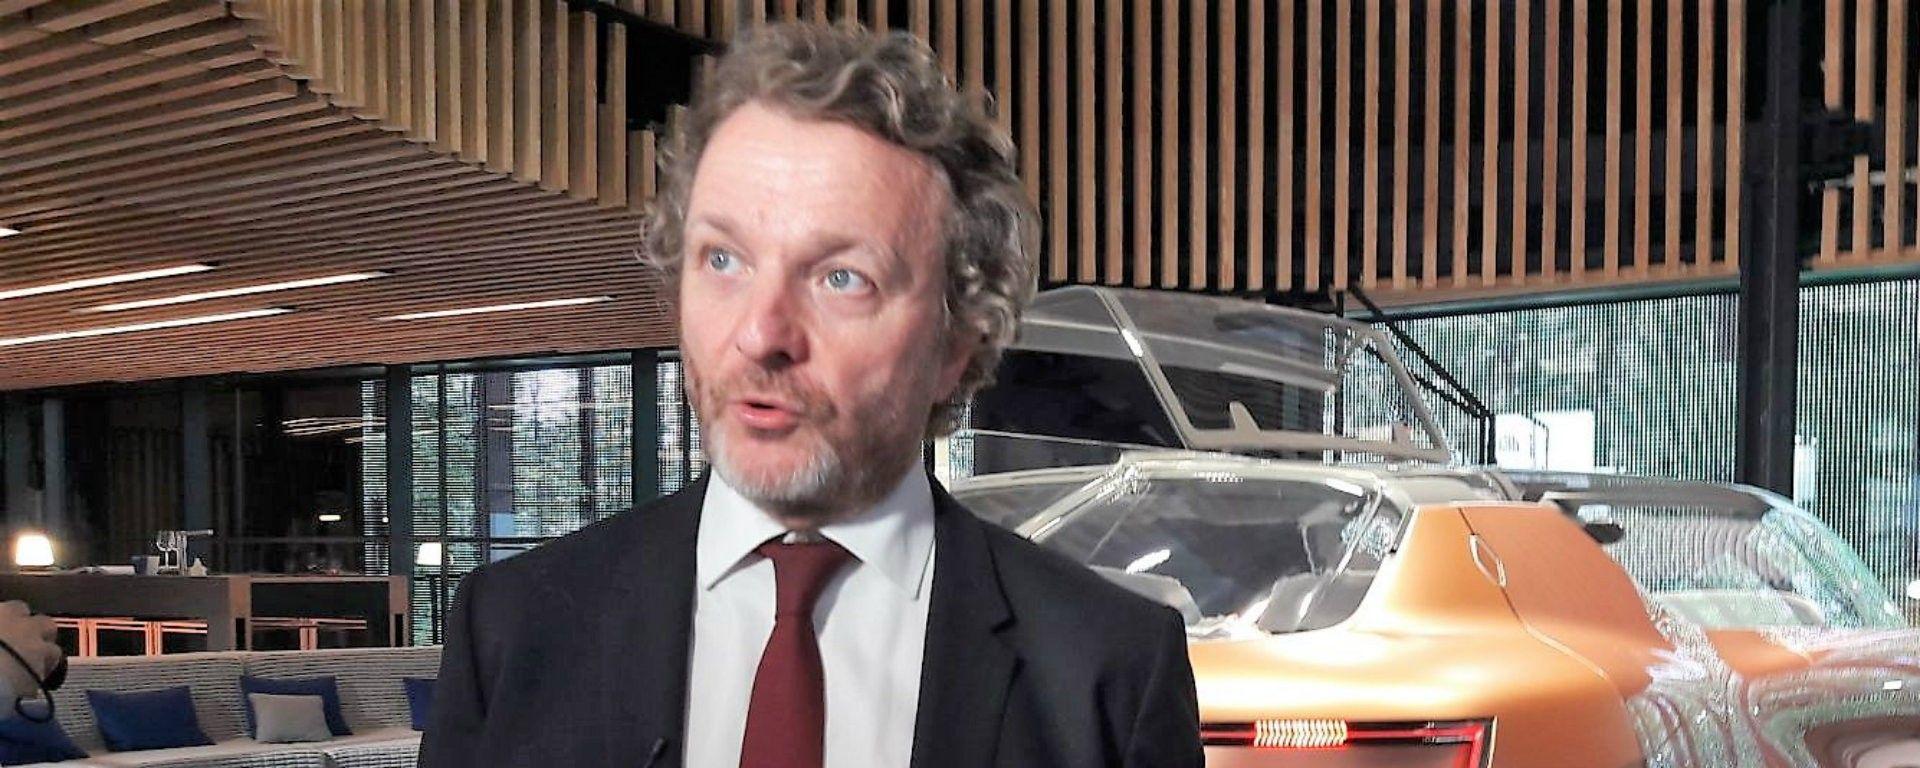 Le novità Renault raccontate da Francesco Fontana Giusti, Direttore Comunicazione e Immagine di Renault Italia